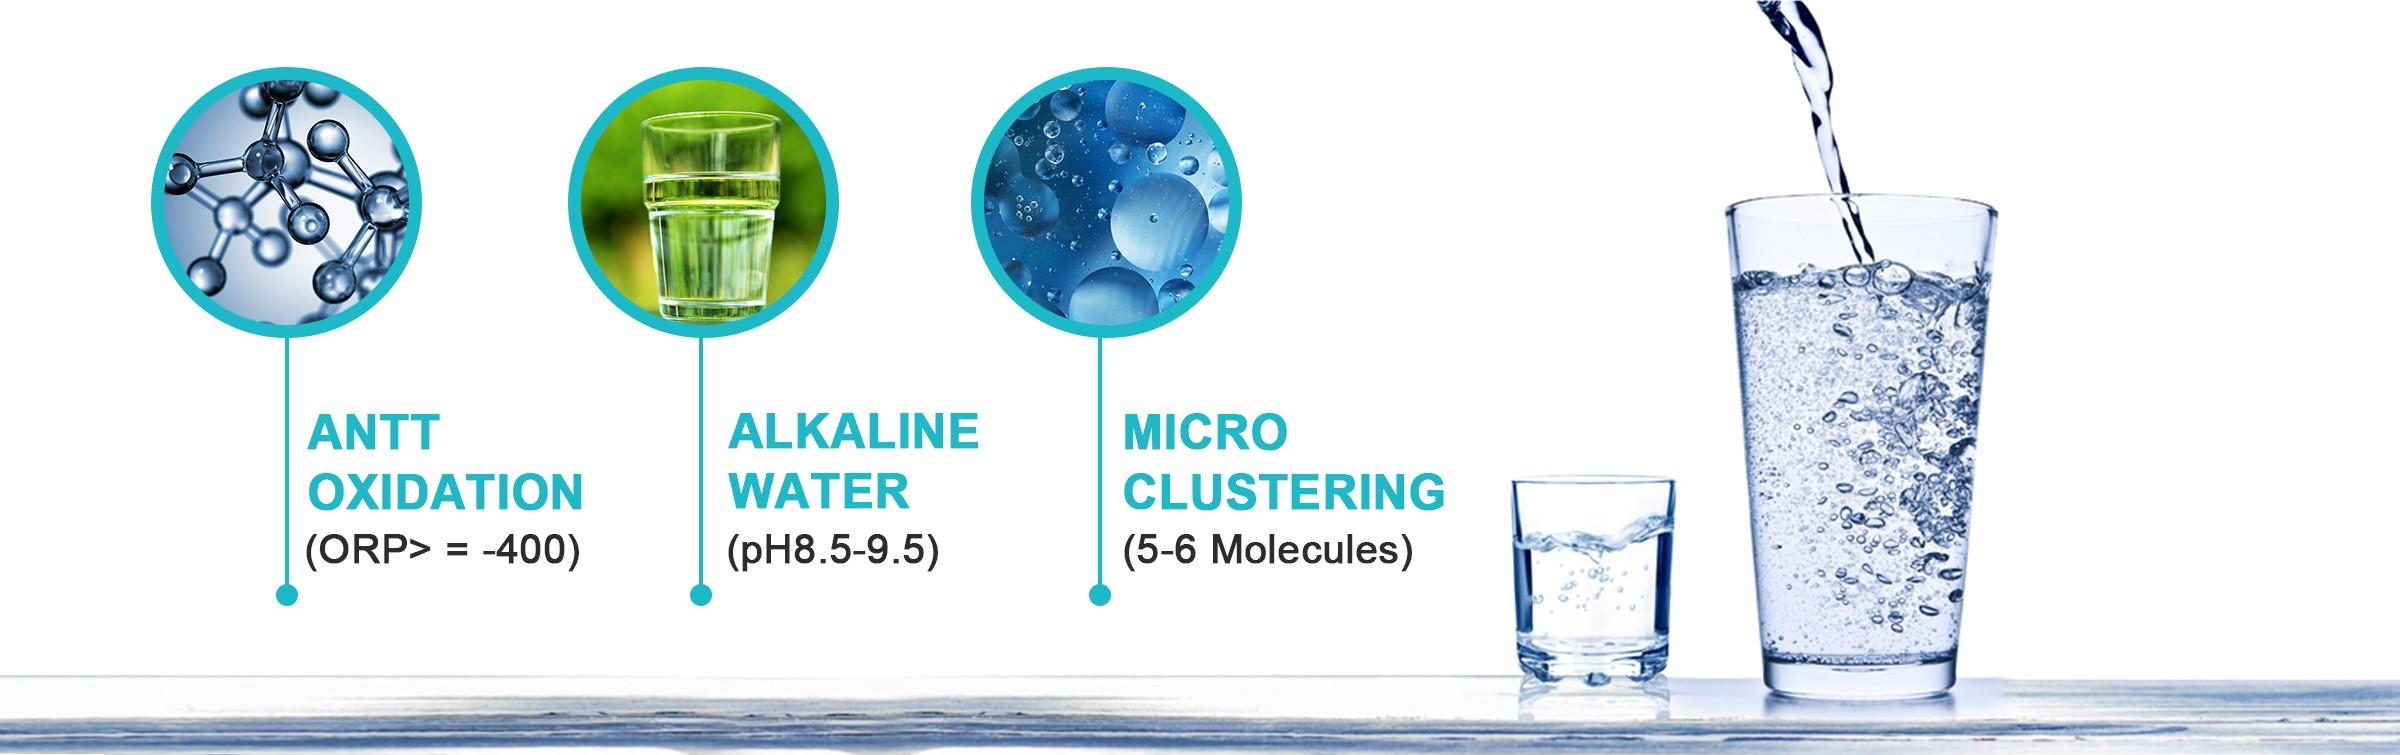 Enagic-Kangenwater